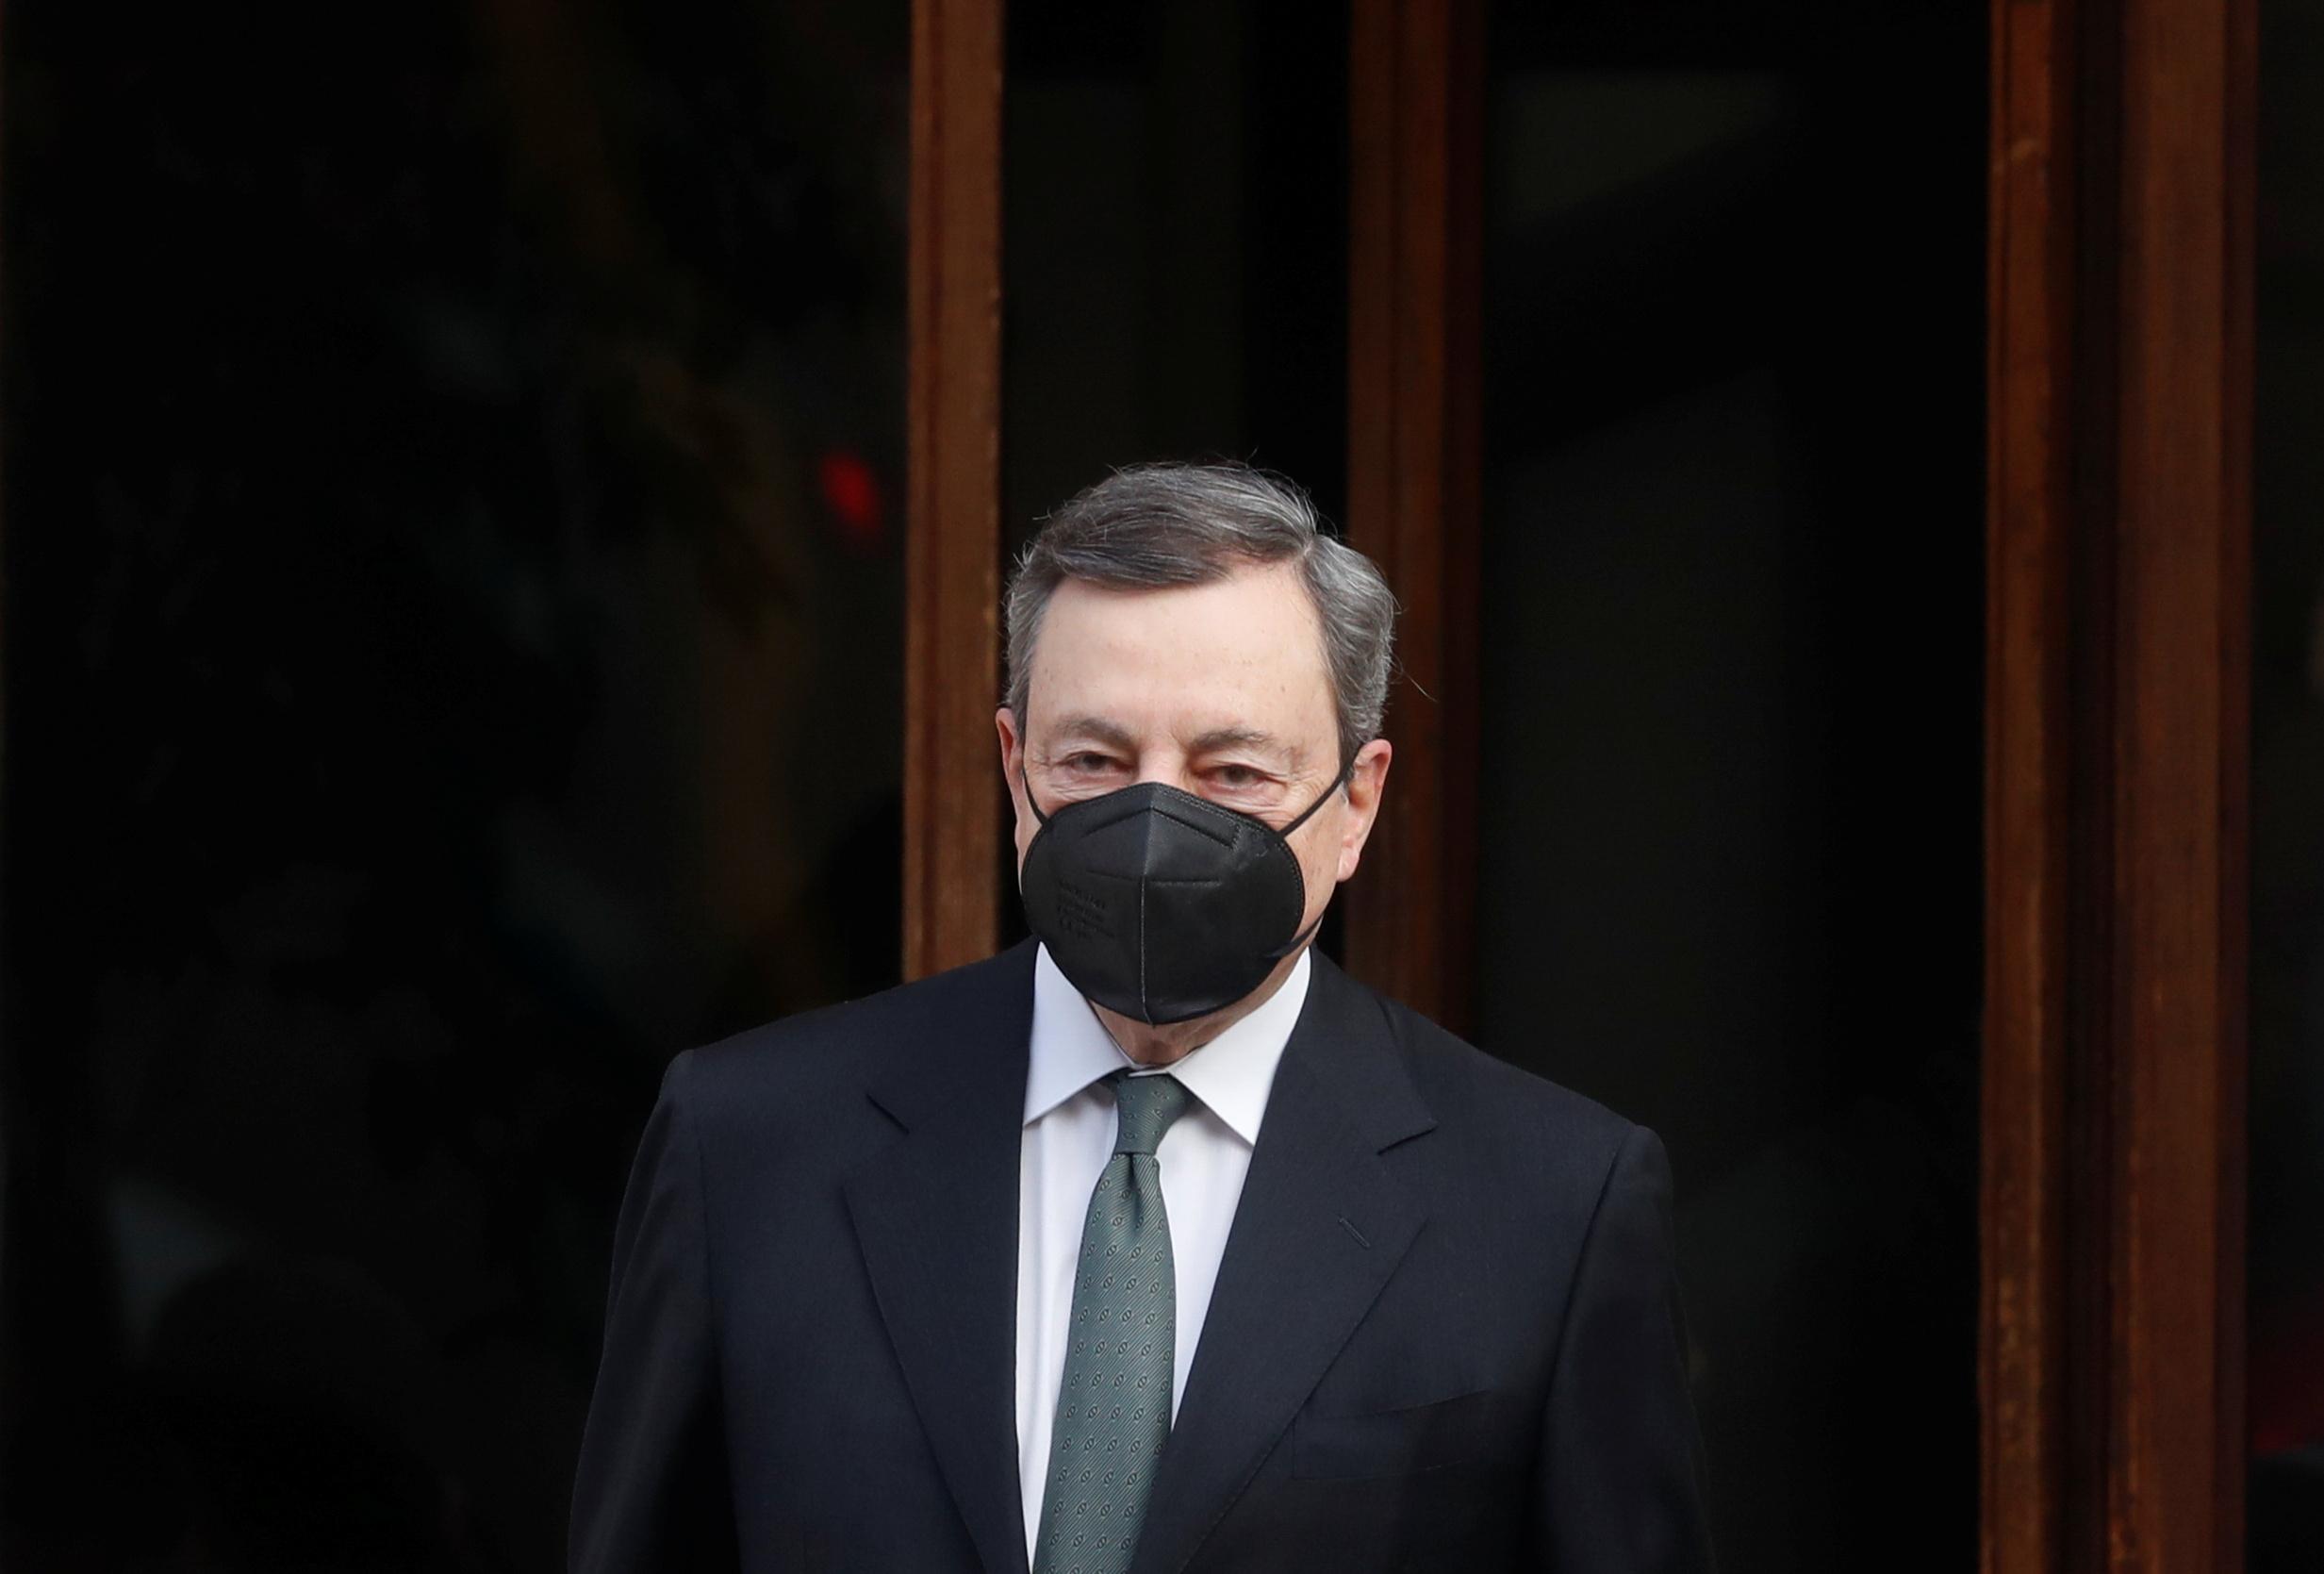 Italie: Draghi présente son programme au Sénat avant un vote de confiance